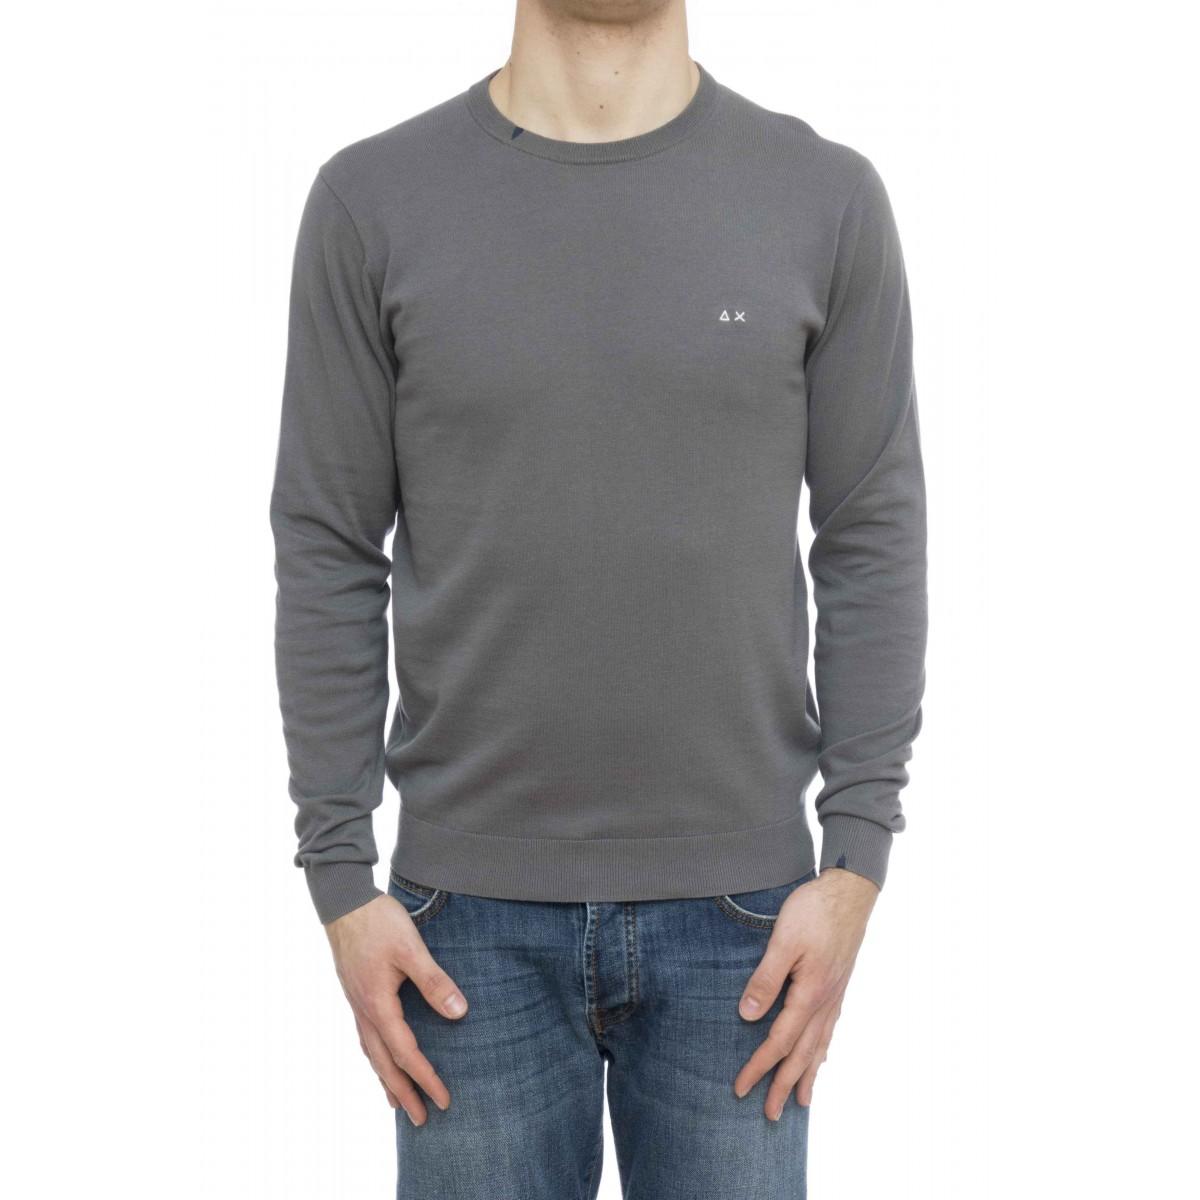 Maglia uomo - K19101 maglia girocollo basica